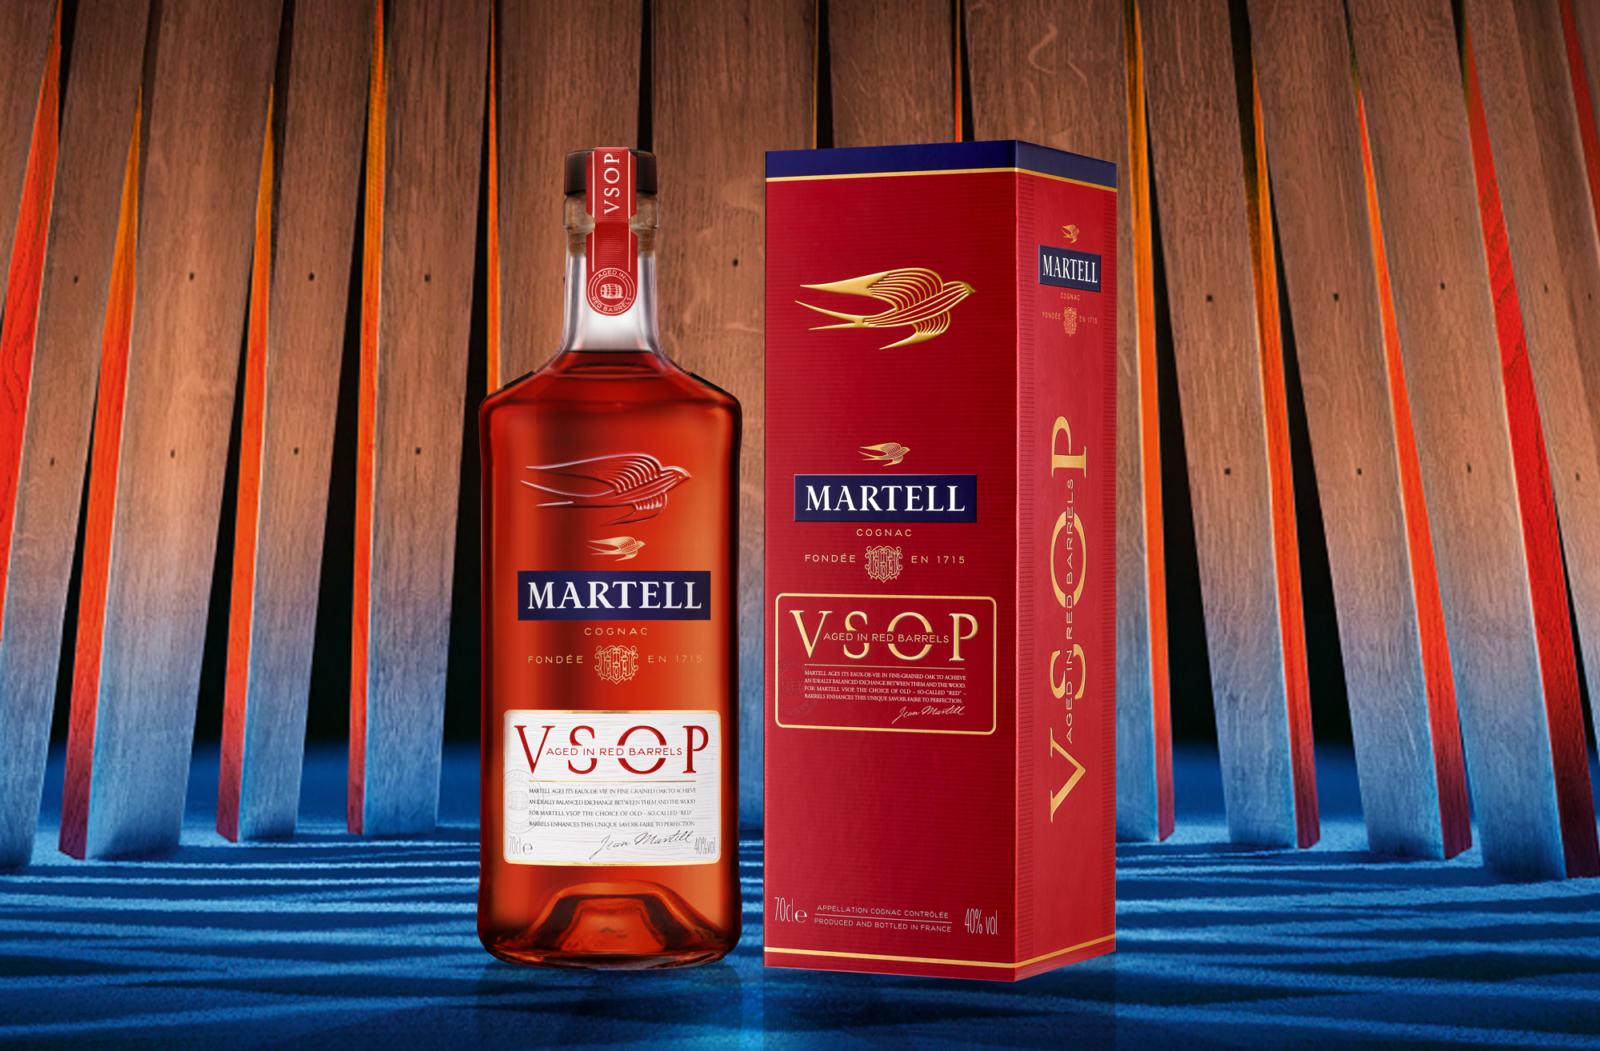 Martell VSOP - Un design pensé par l'agence de design de Paris Partisan du Sens.